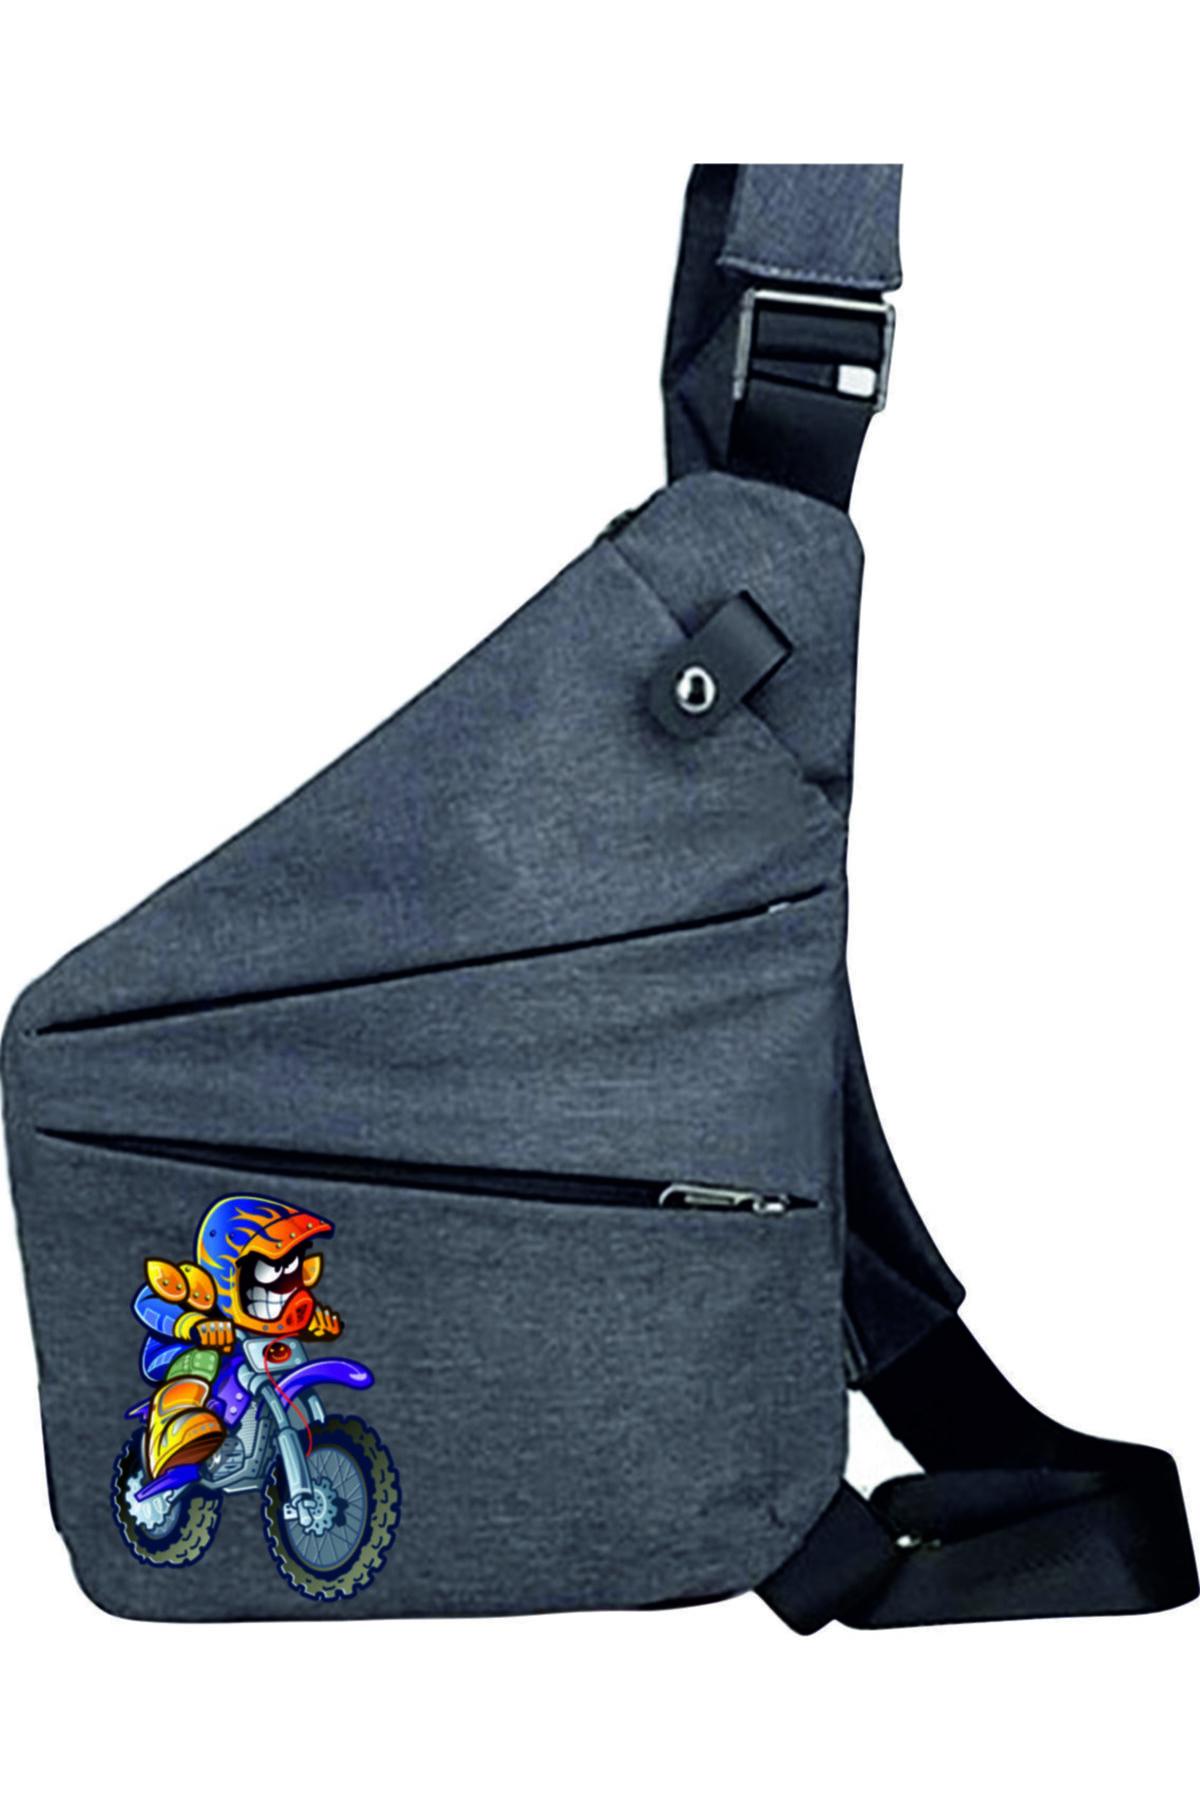 خرید پستی کیف ورزشی اورجینال برند Zak Strand رنگ نقره ای کد ty107209912